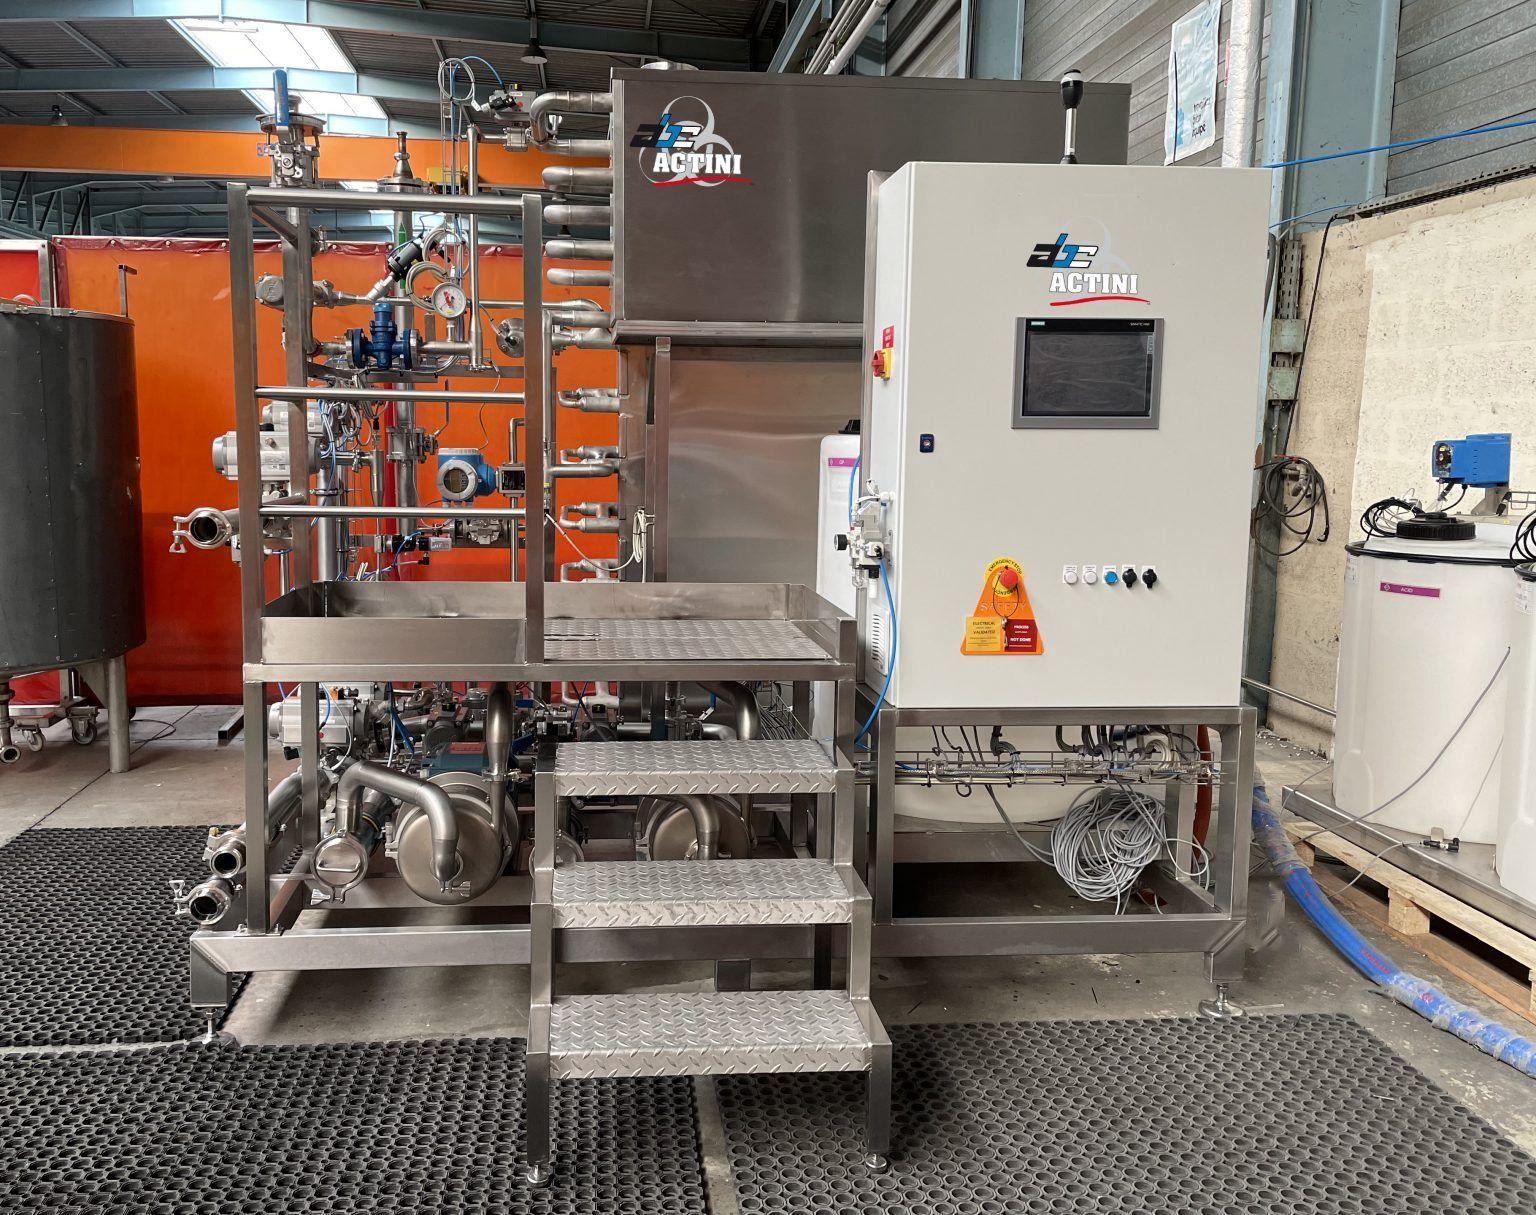 ULT+ - 3000 lph - ABC Actini 5